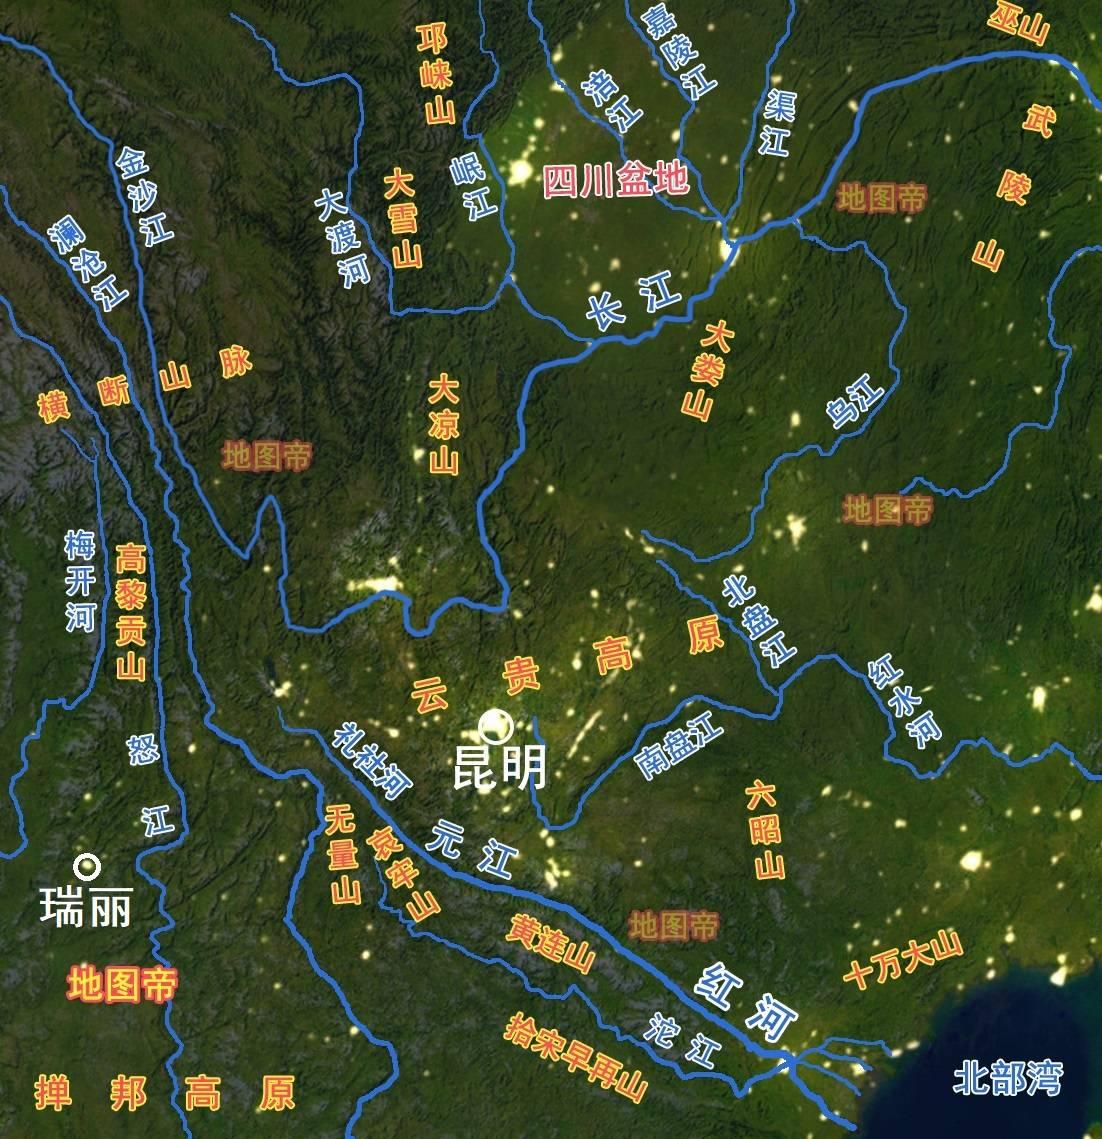 瑞丽姐告,不到两平方公里,为何云南一半边贸物资从这里进出?